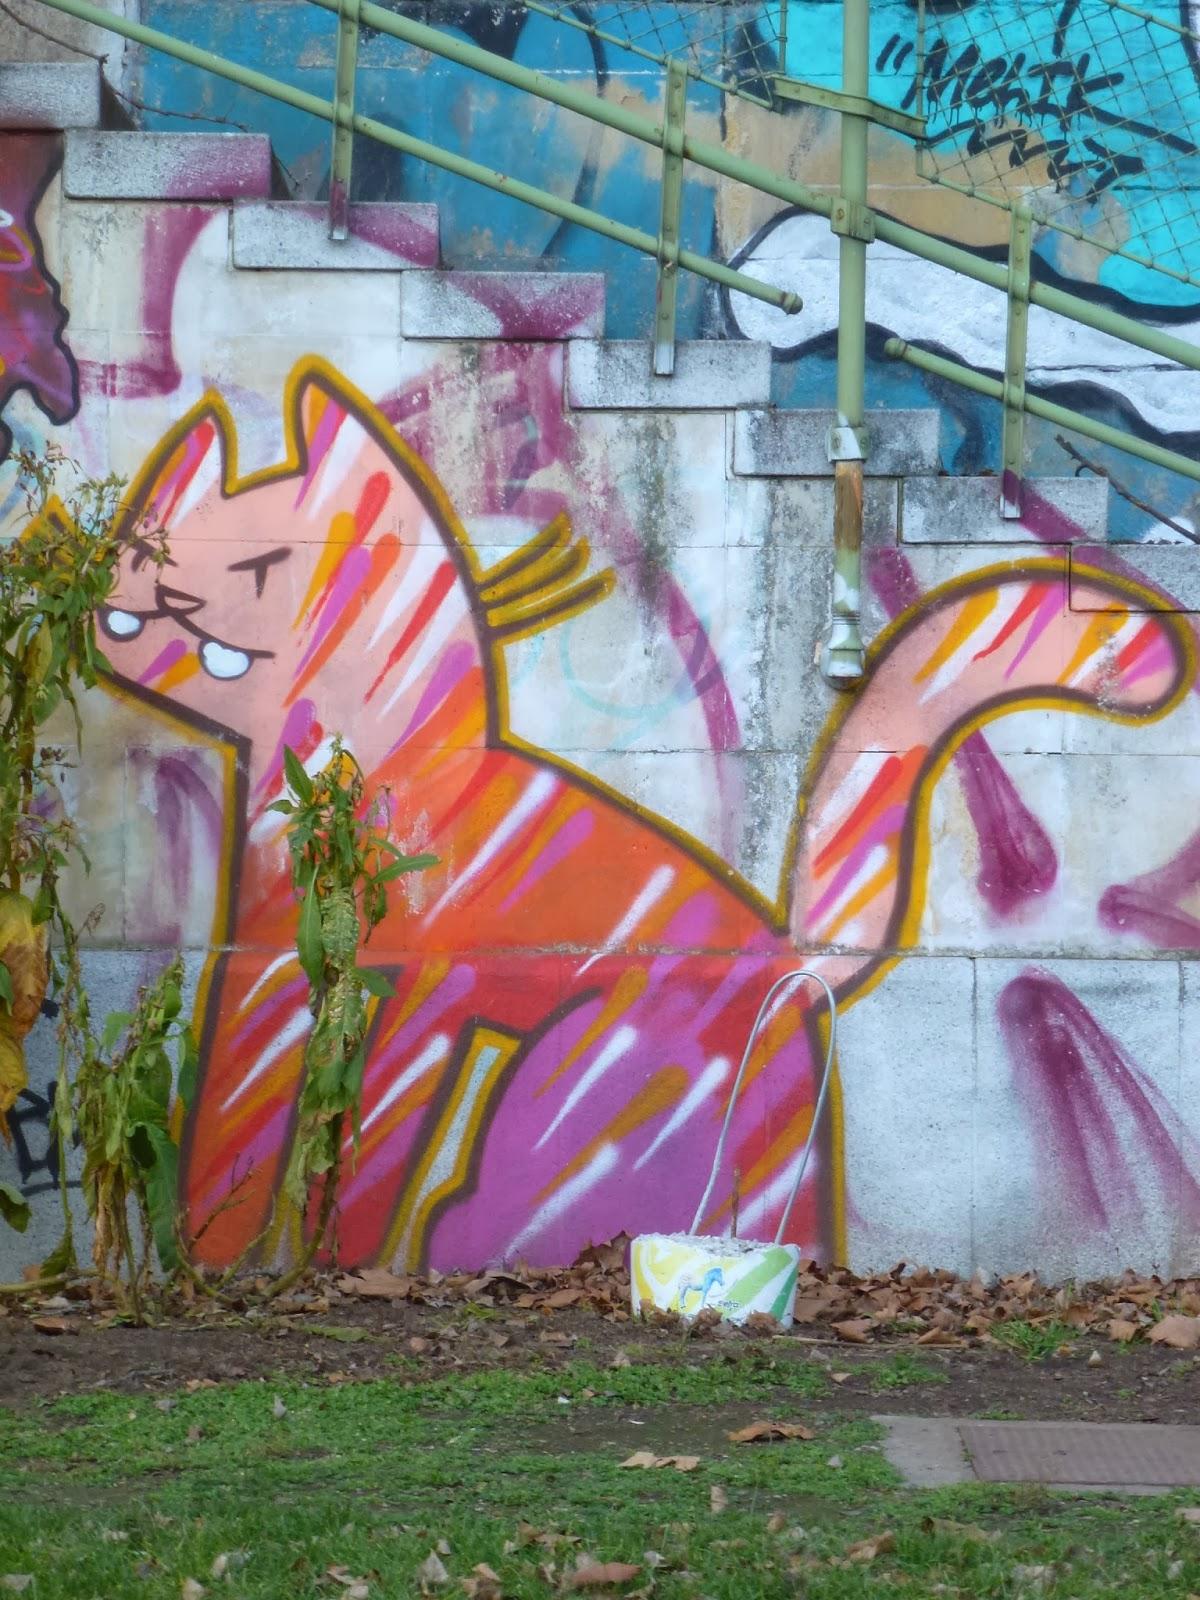 Streetart, Graffiti, Streetart